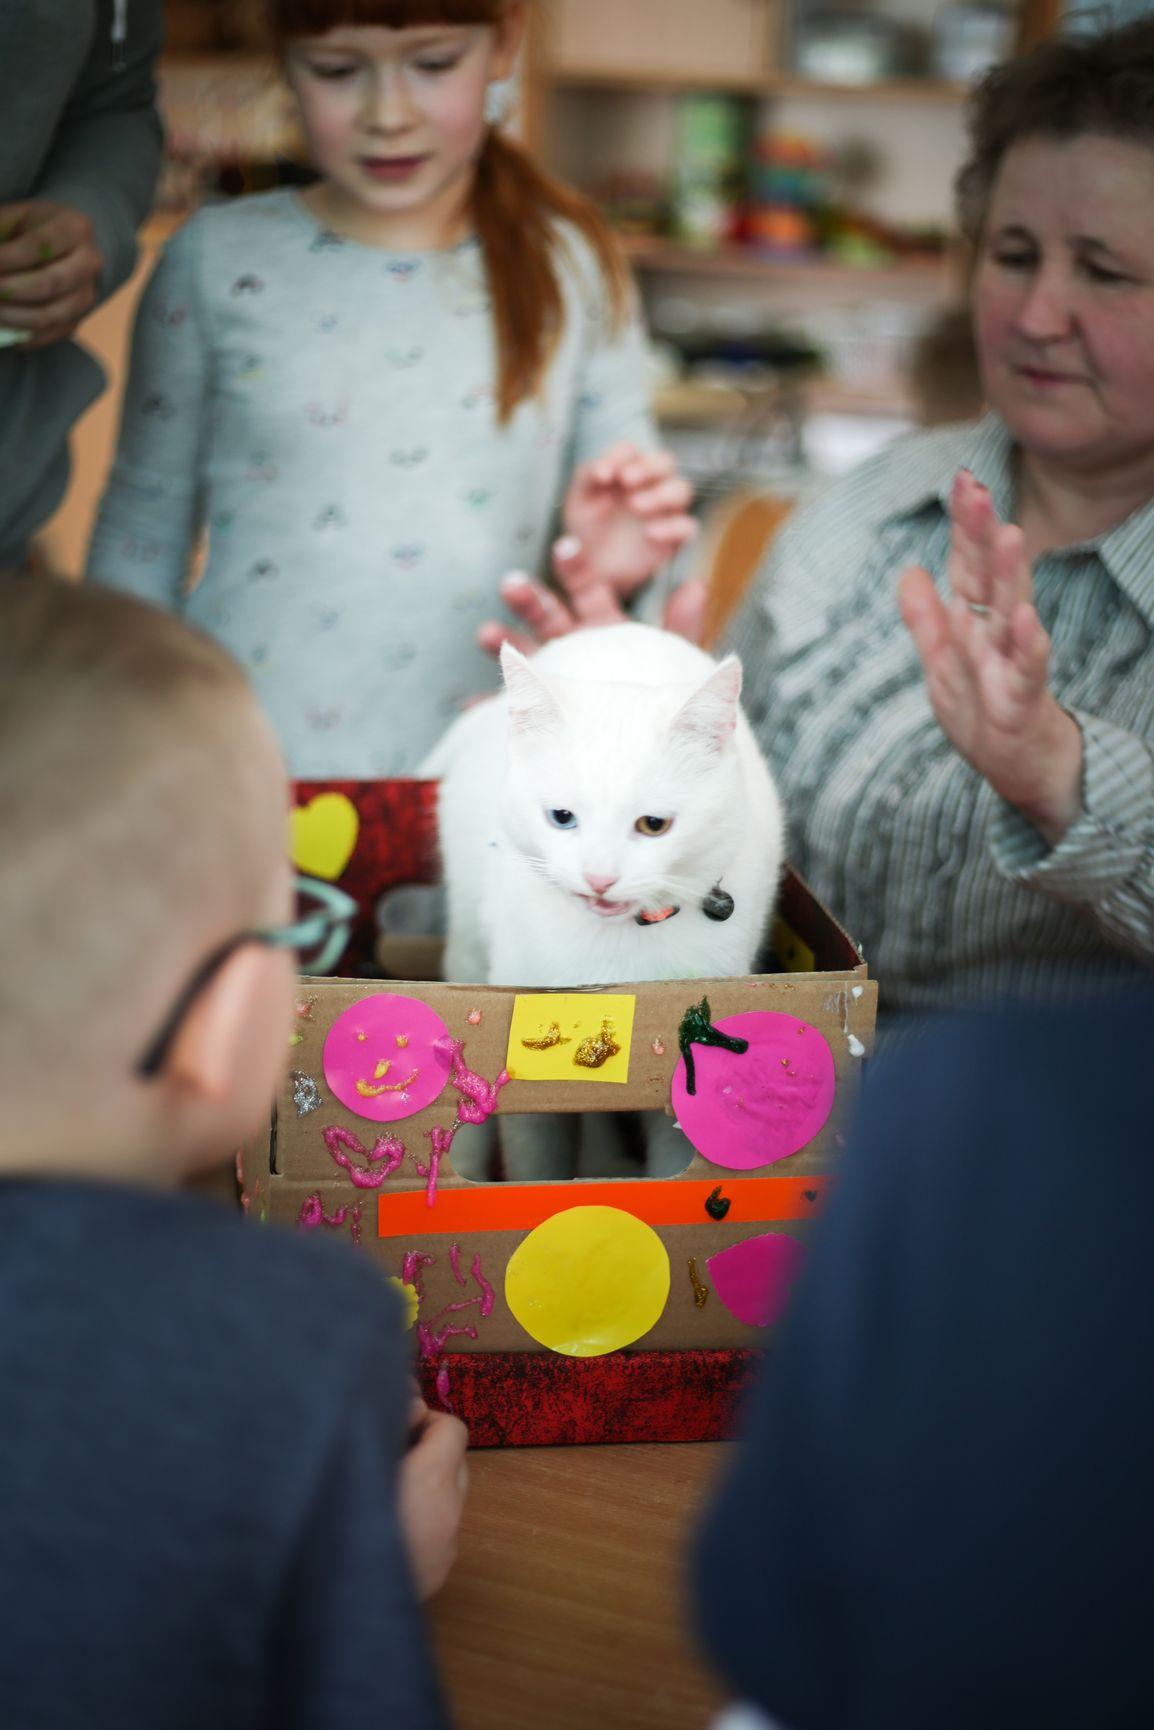 Plastyczne działania dzieci z kotem Sky i dla Sky